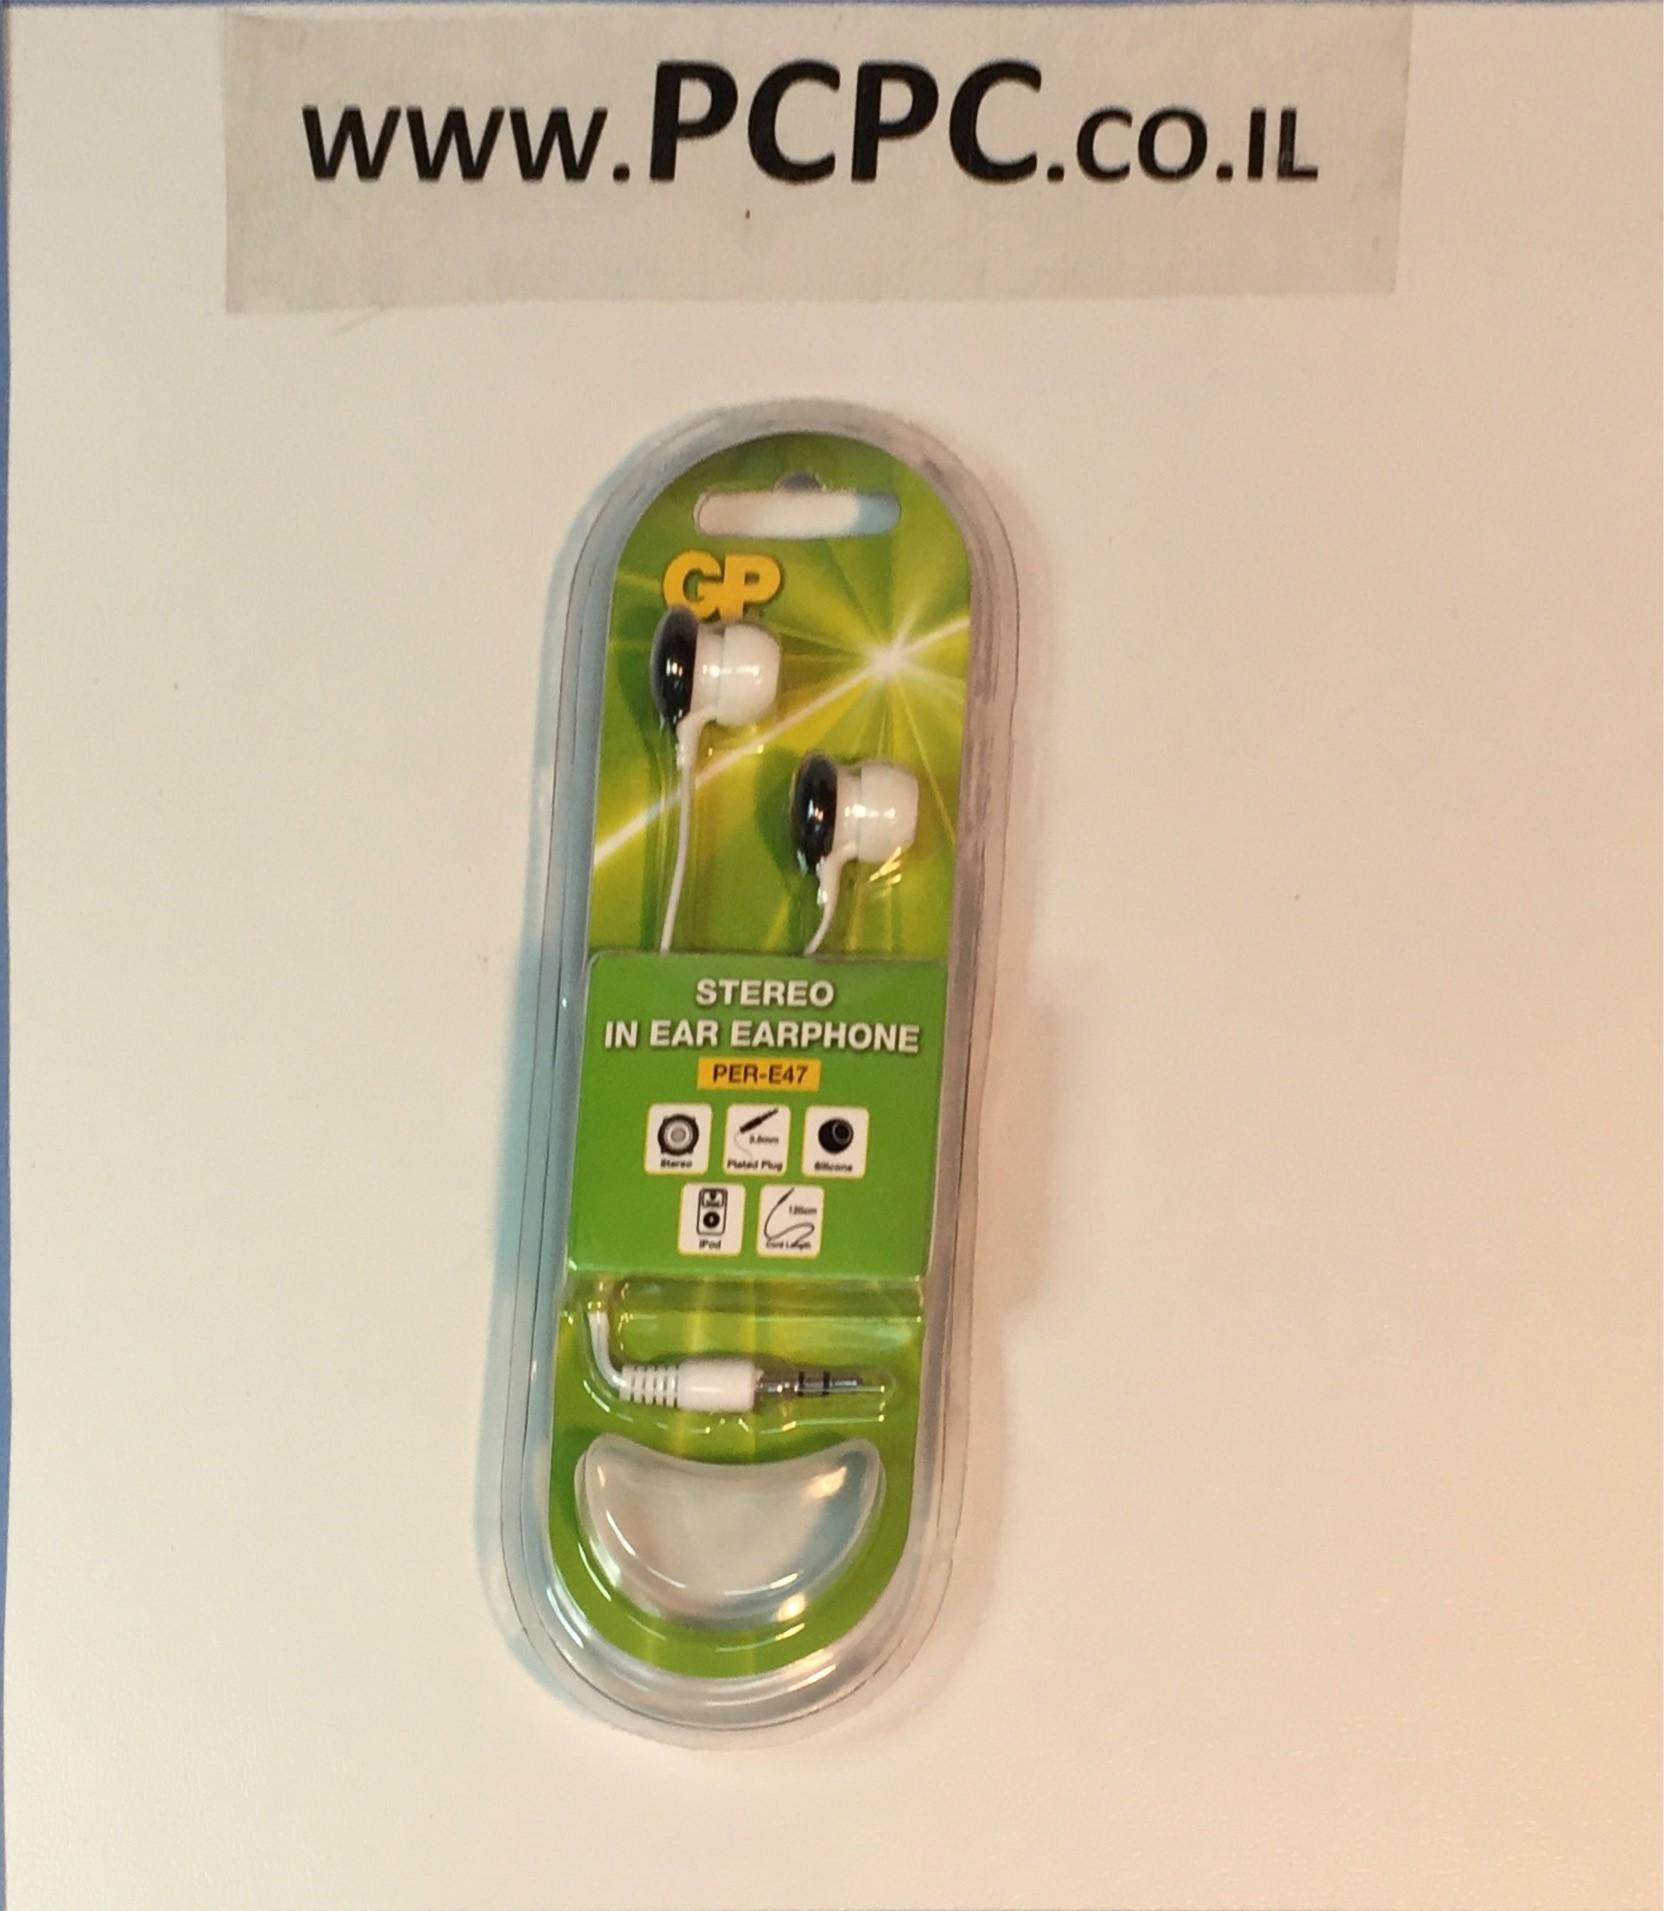 אוזניות כפתור סיליקון PER-E47  GP